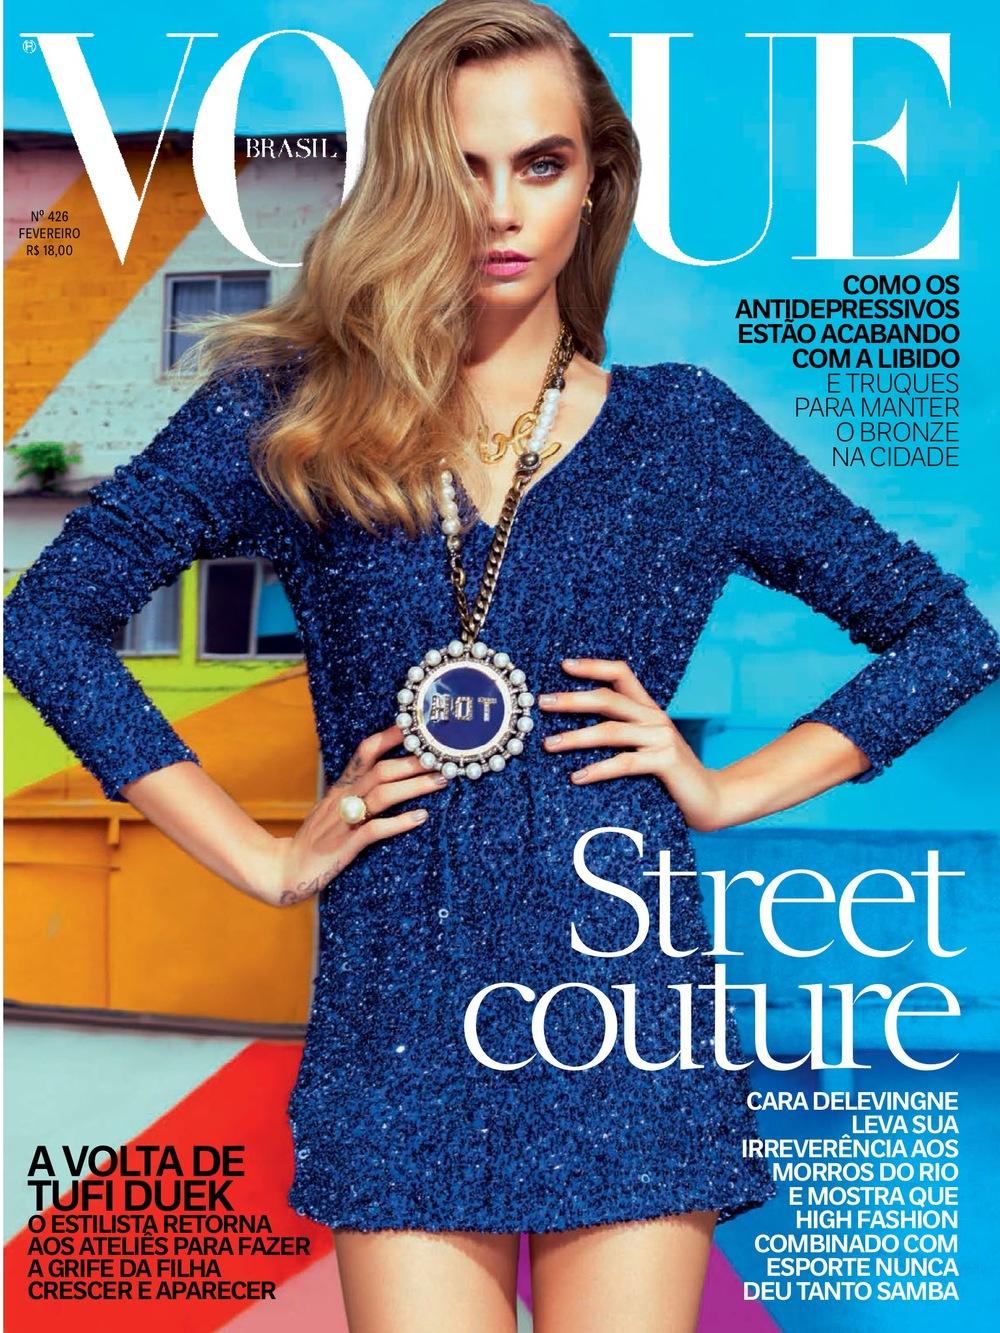 Vogue-Brasil-Cover.jpg